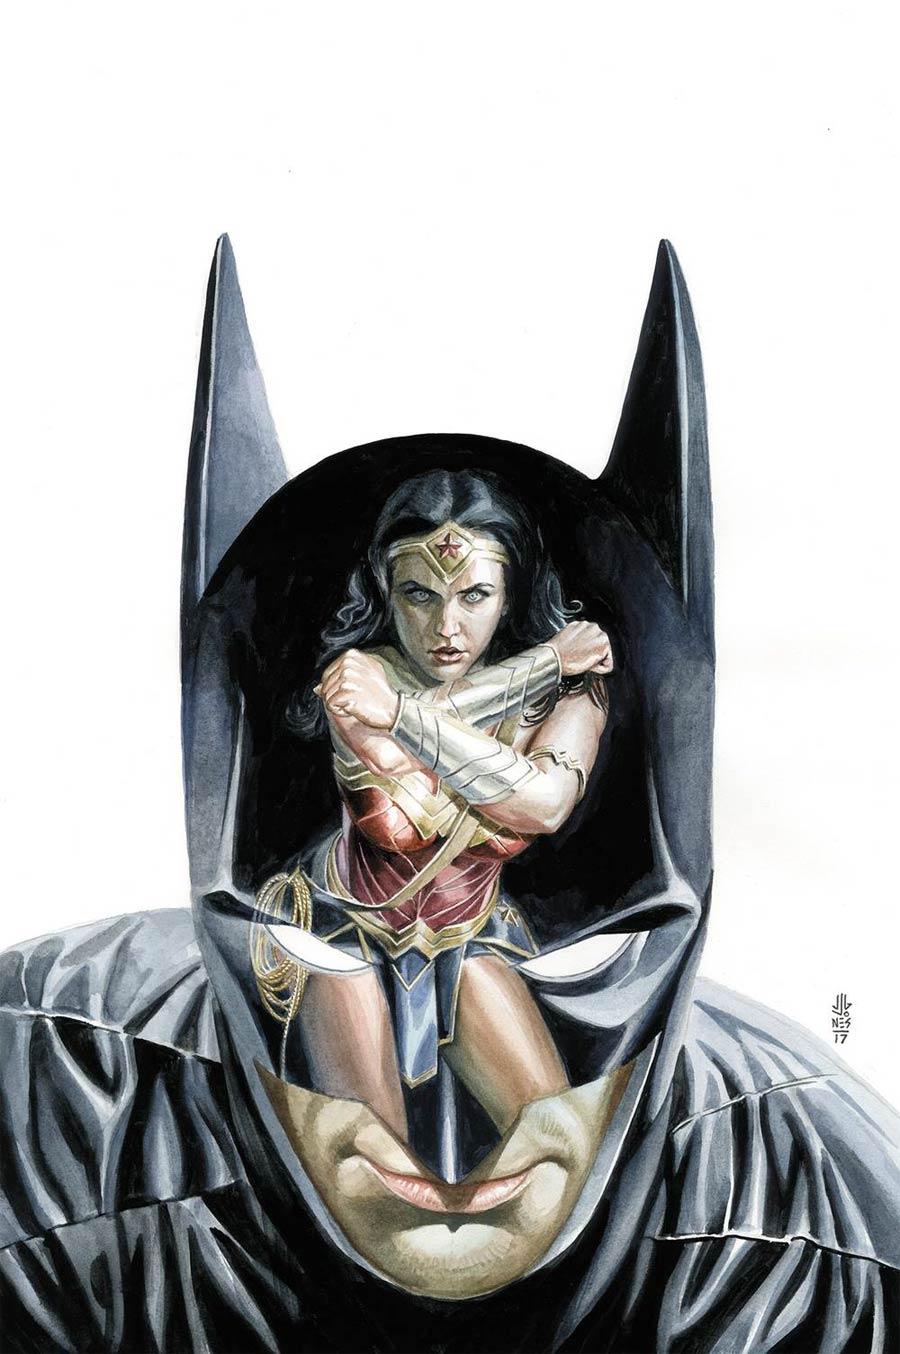 Justice League Vol 3 #35 Cover B Variant JG Jones Cover